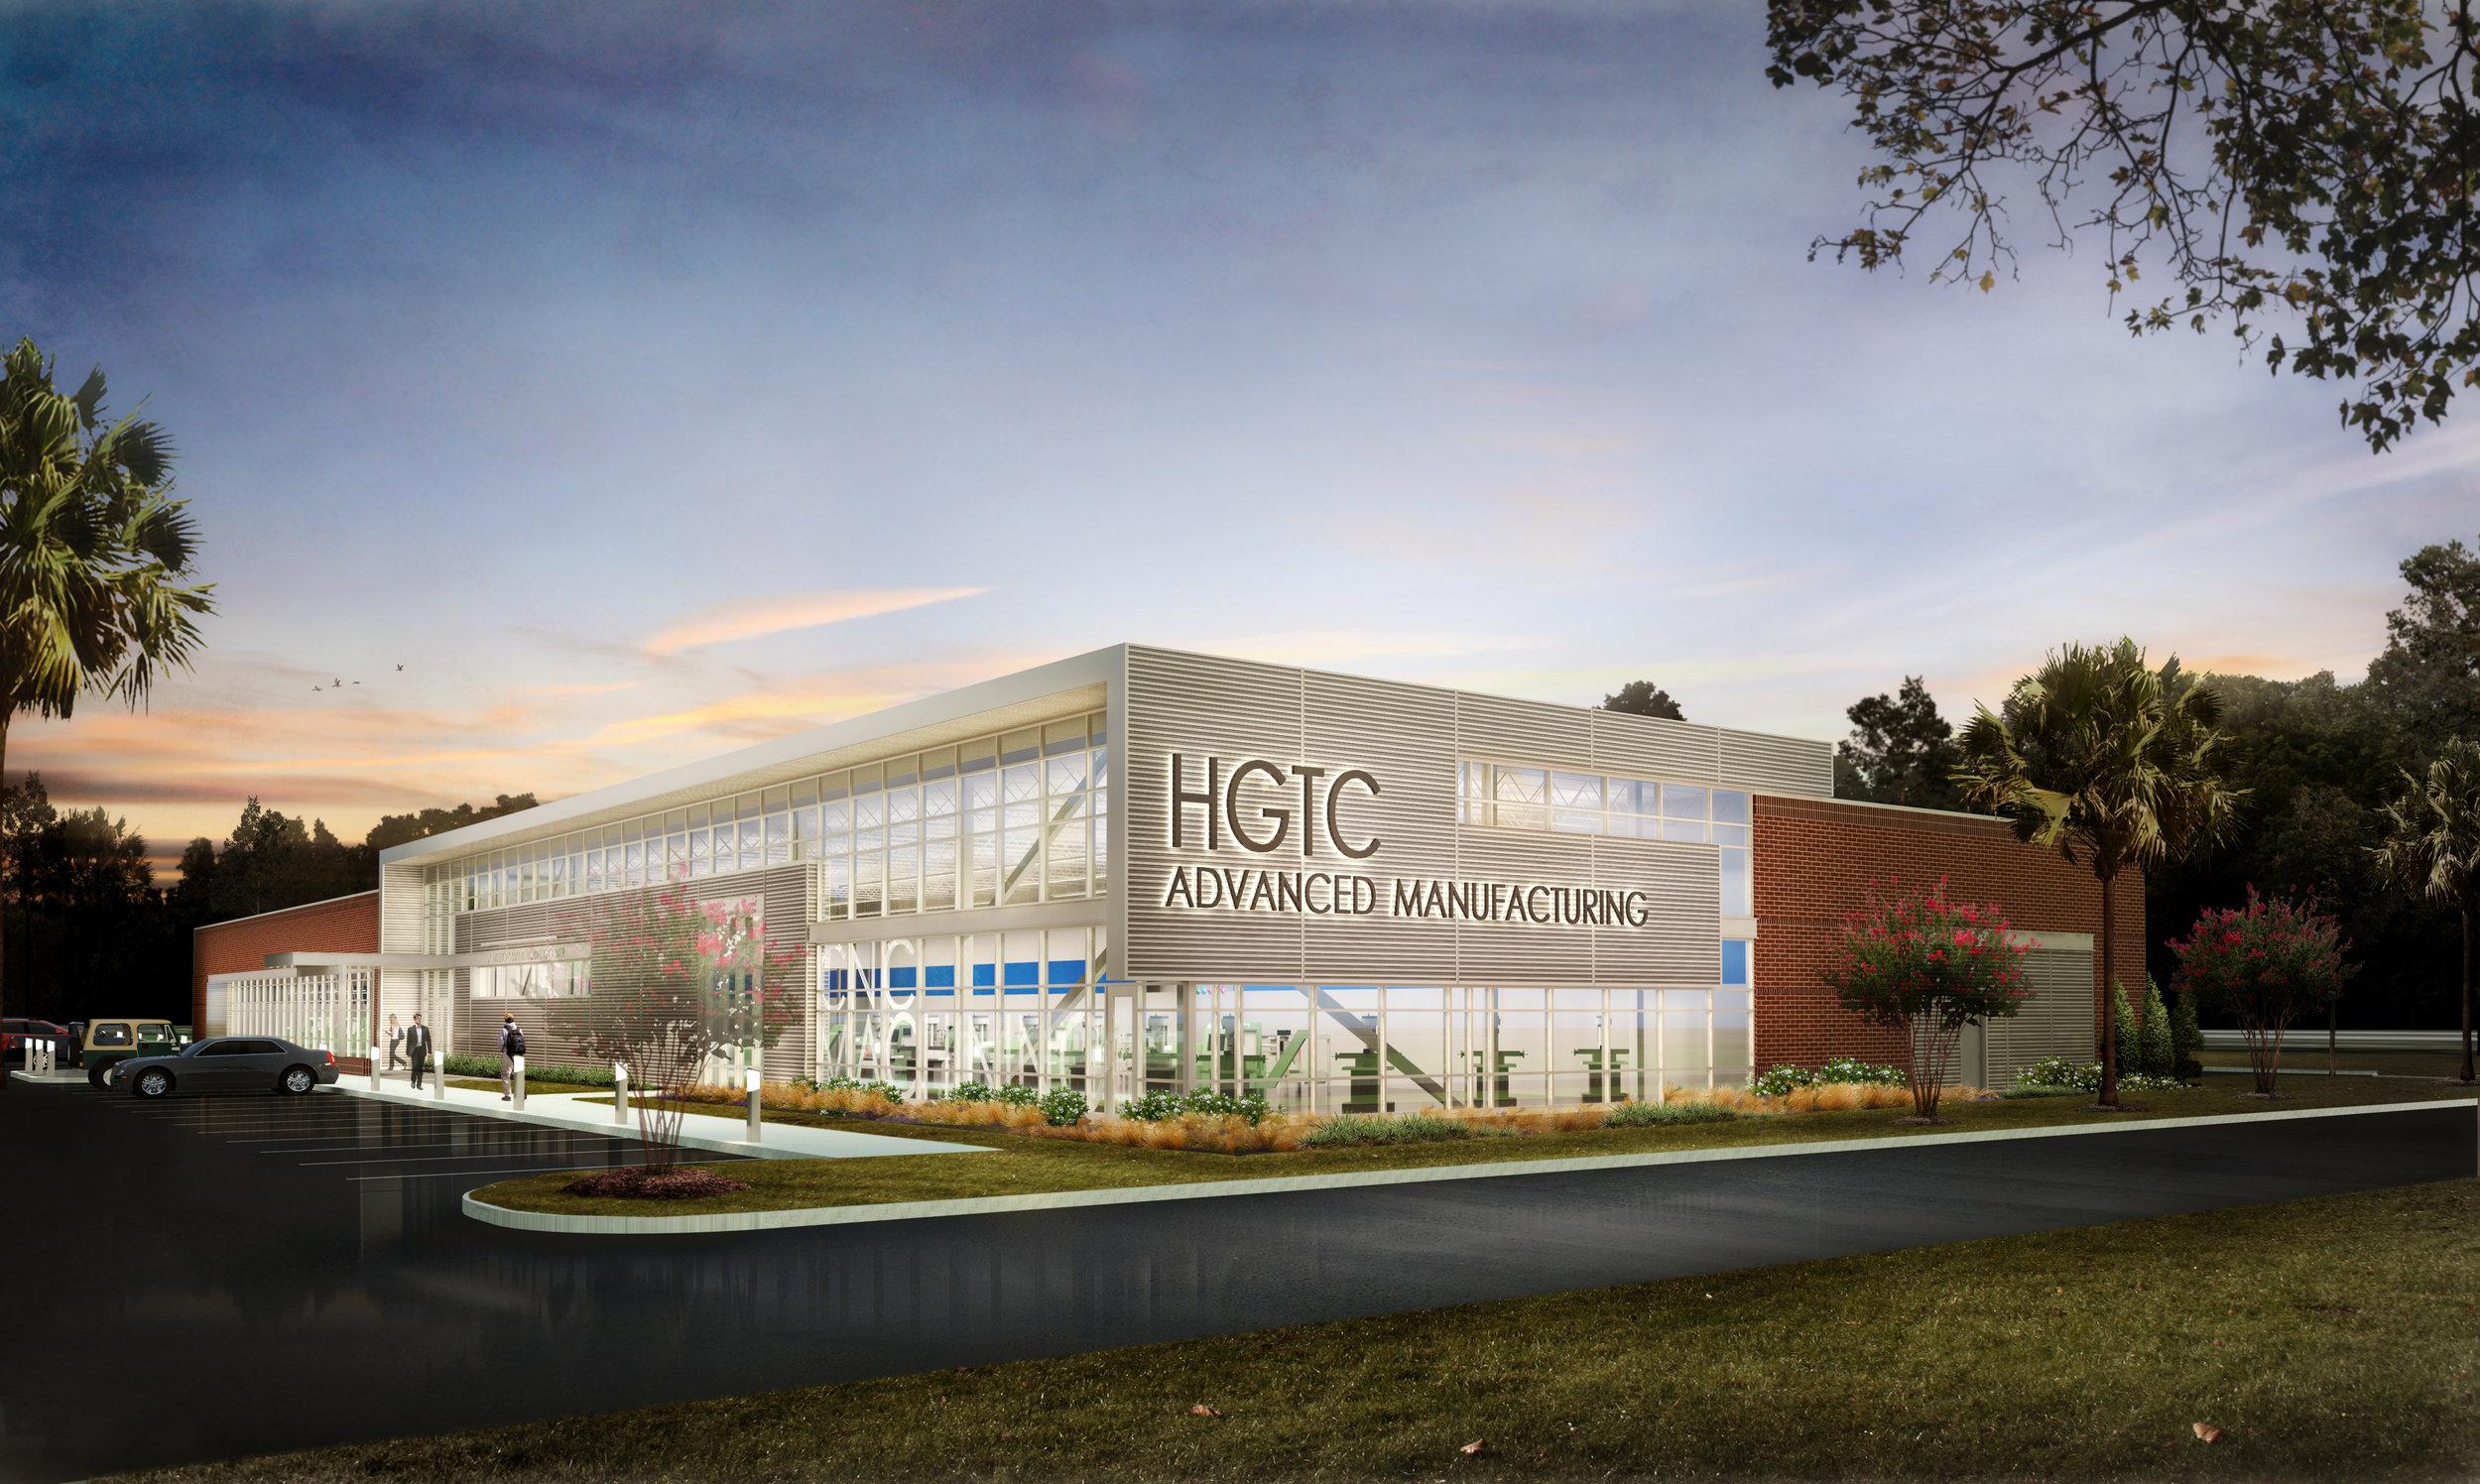 ADW-Education-HGTC-Exterior Rendering.jpg